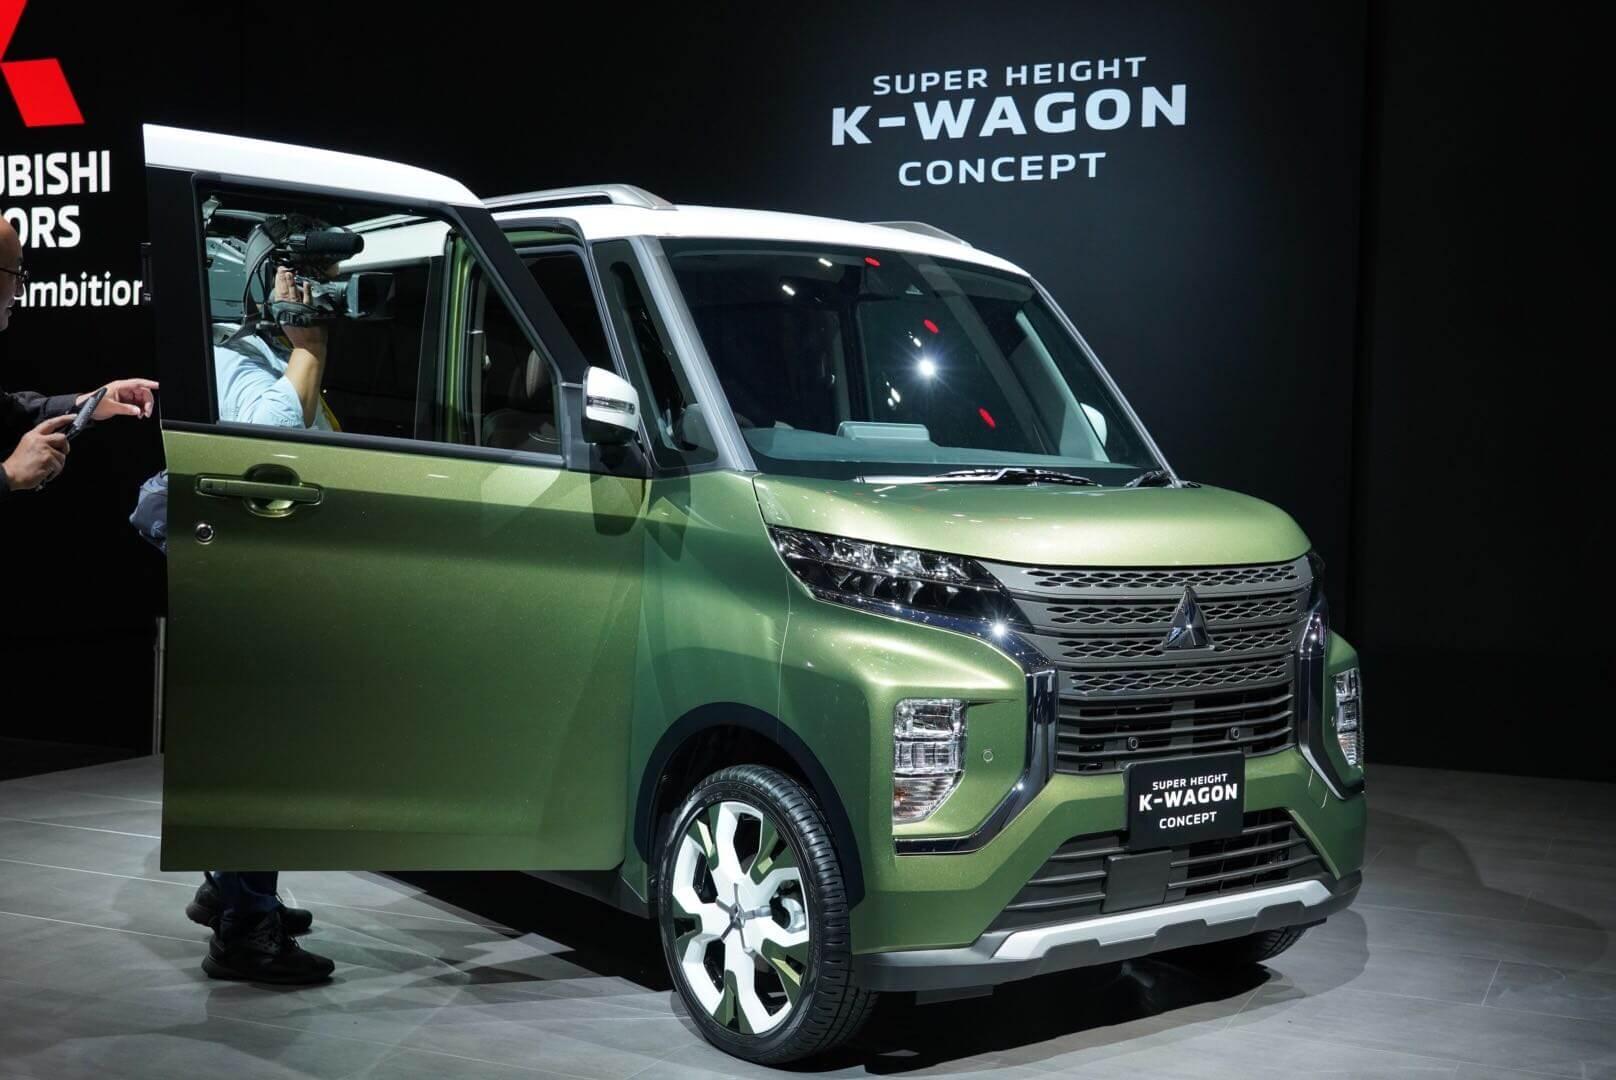 三菱 スーパーハイトKワゴンコンセプト 東京モーターショー2019